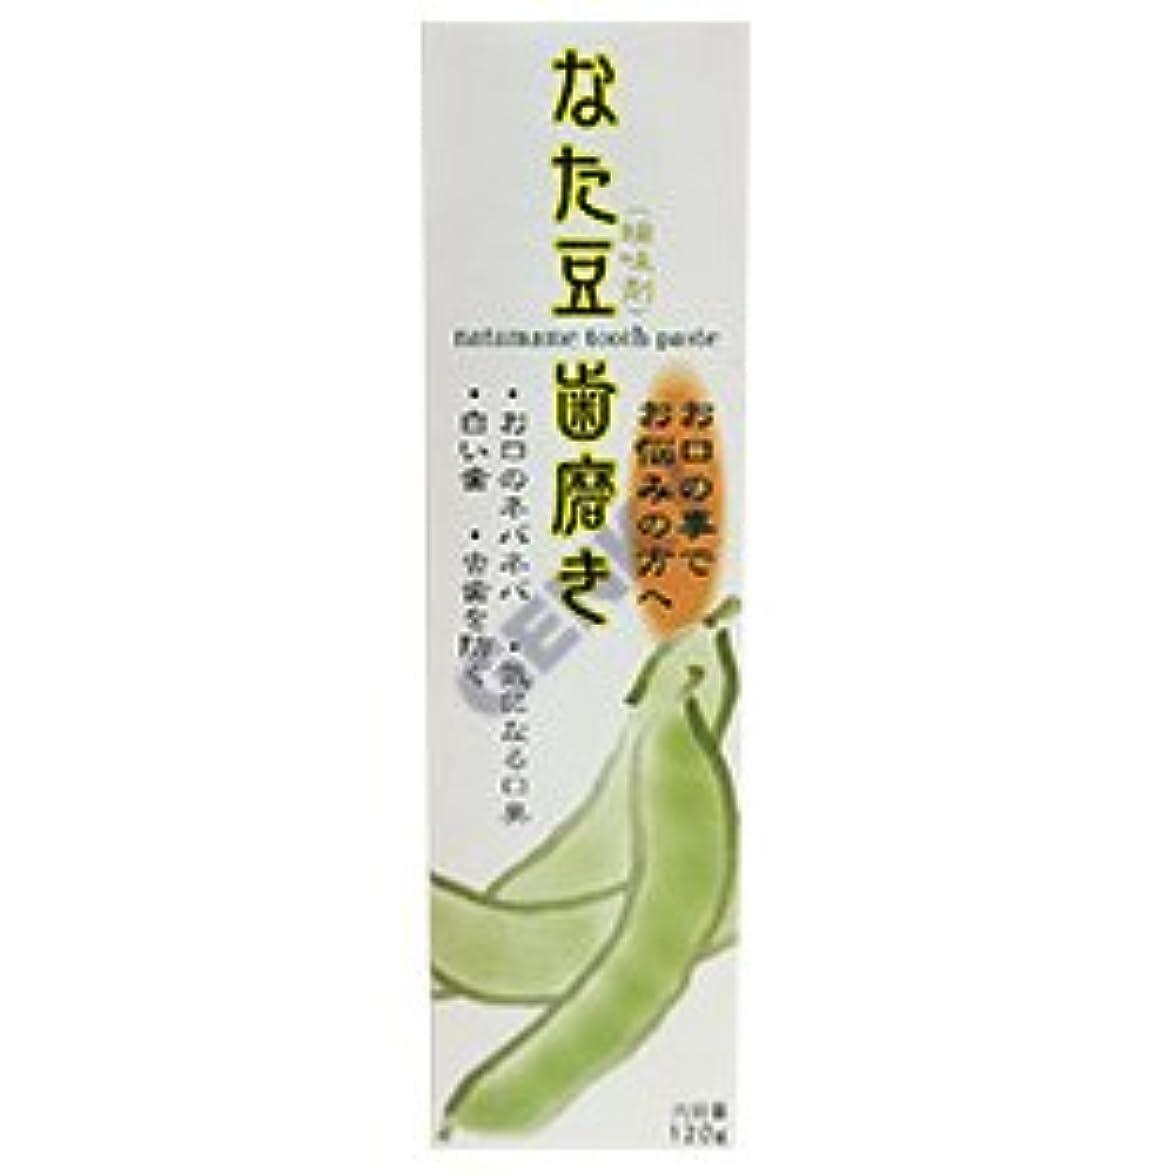 建てるレオナルドダ嘆願【モルゲンロート】なた豆歯磨き 120g ×20個セット